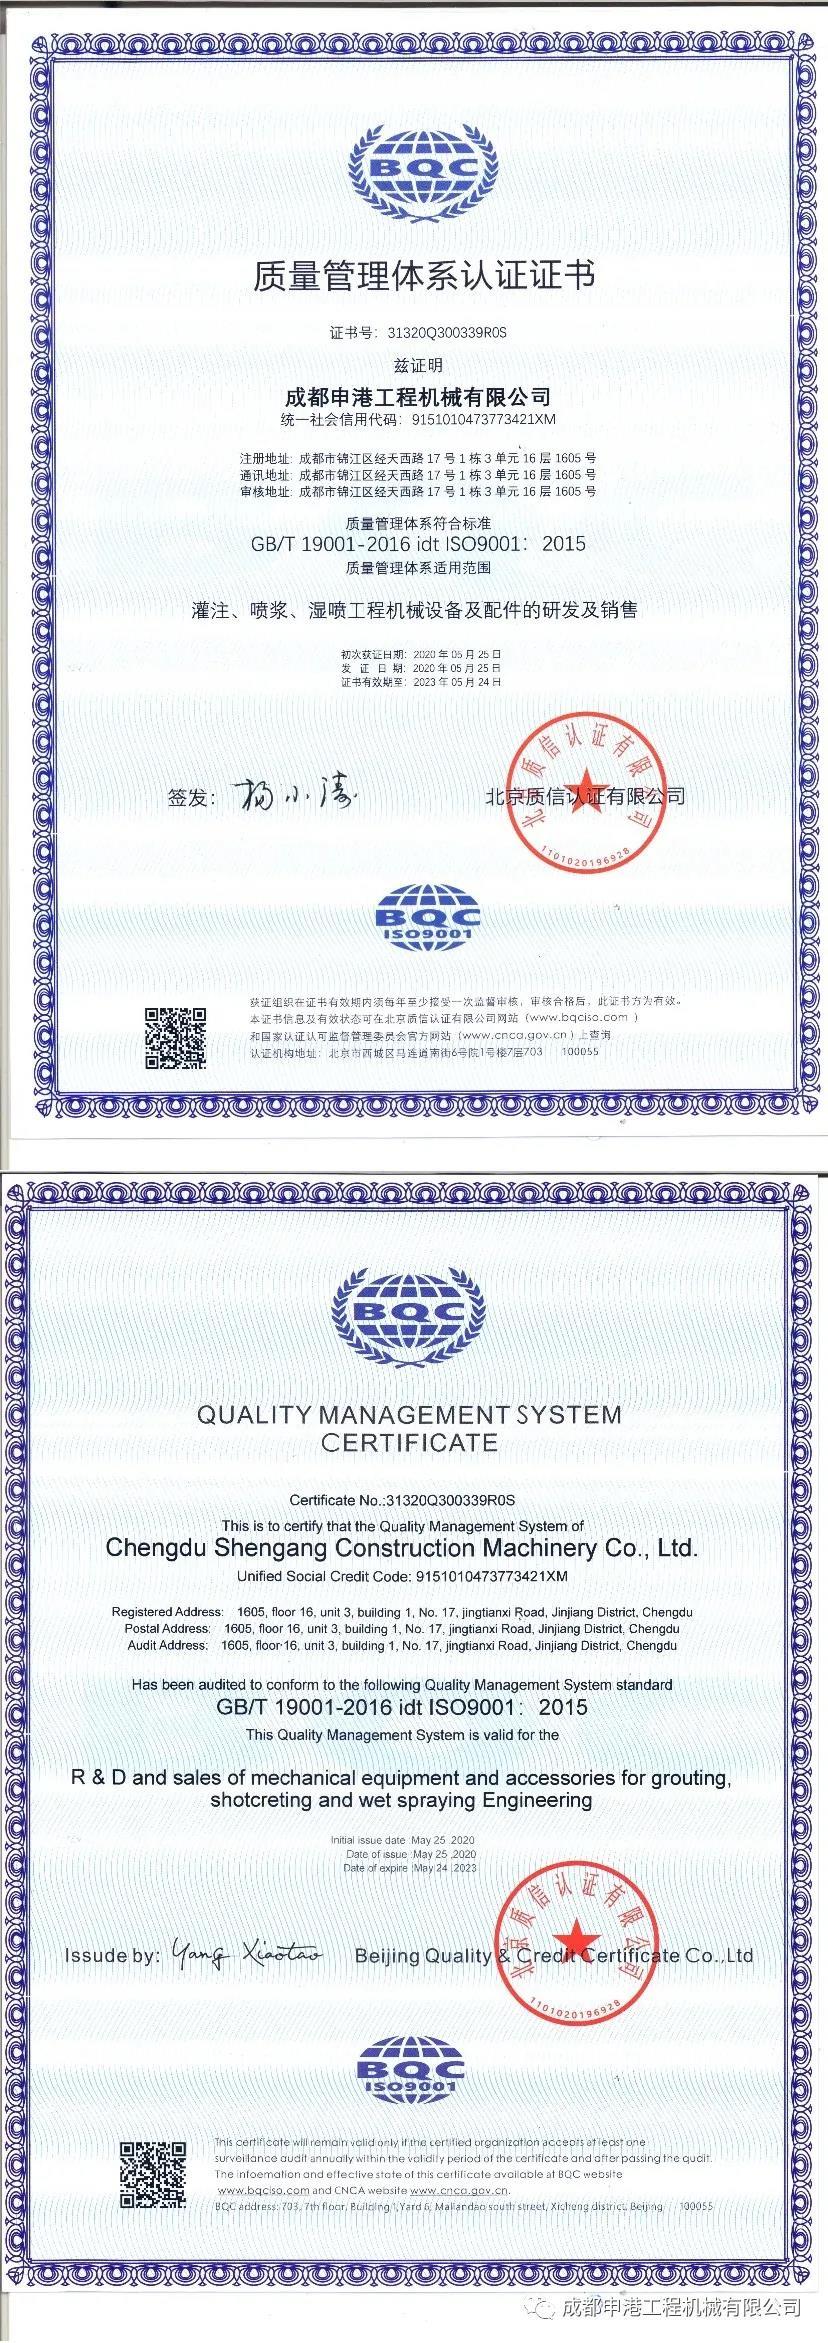 喜讯丨热烈祝贺我司顺利通过质量管理体系认证并取得证书